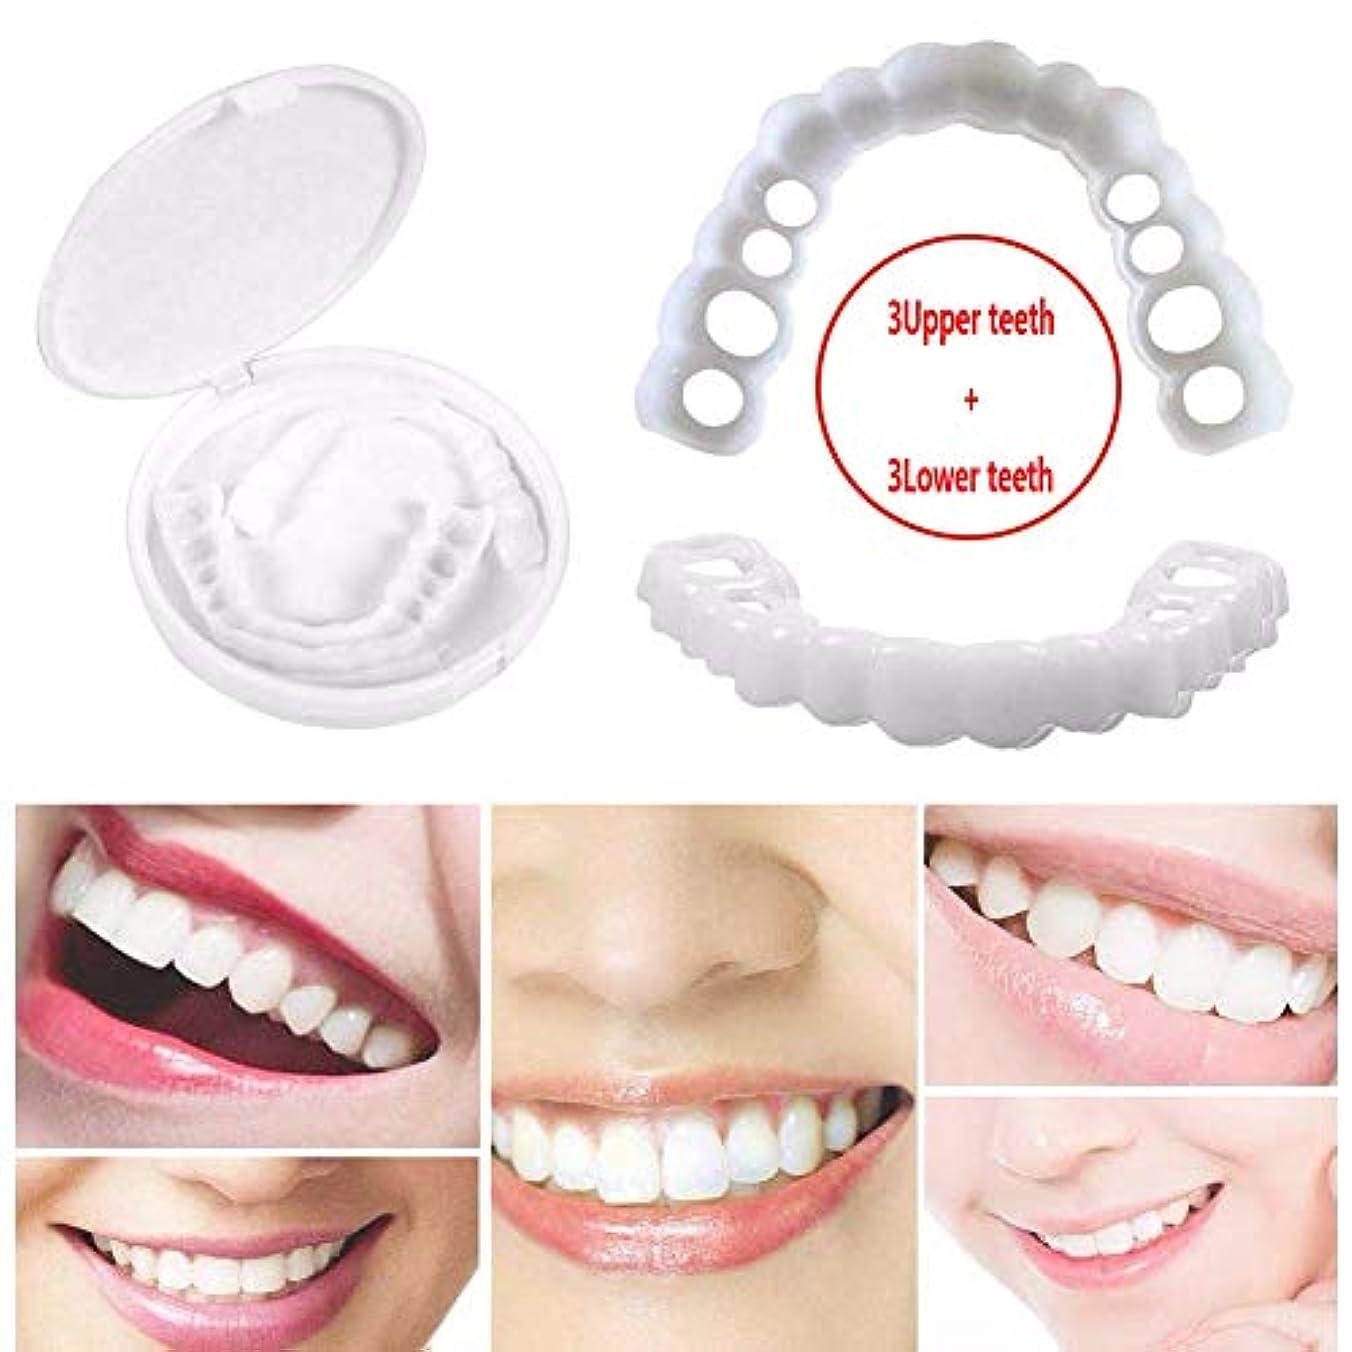 終了しましたエイズメルボルン3組の一時的な歯の白くなること、一時的な化粧品の歯の義歯の化粧品は収納箱が付いているブレースを模倣しました,3upperteeth+3lowerteeth